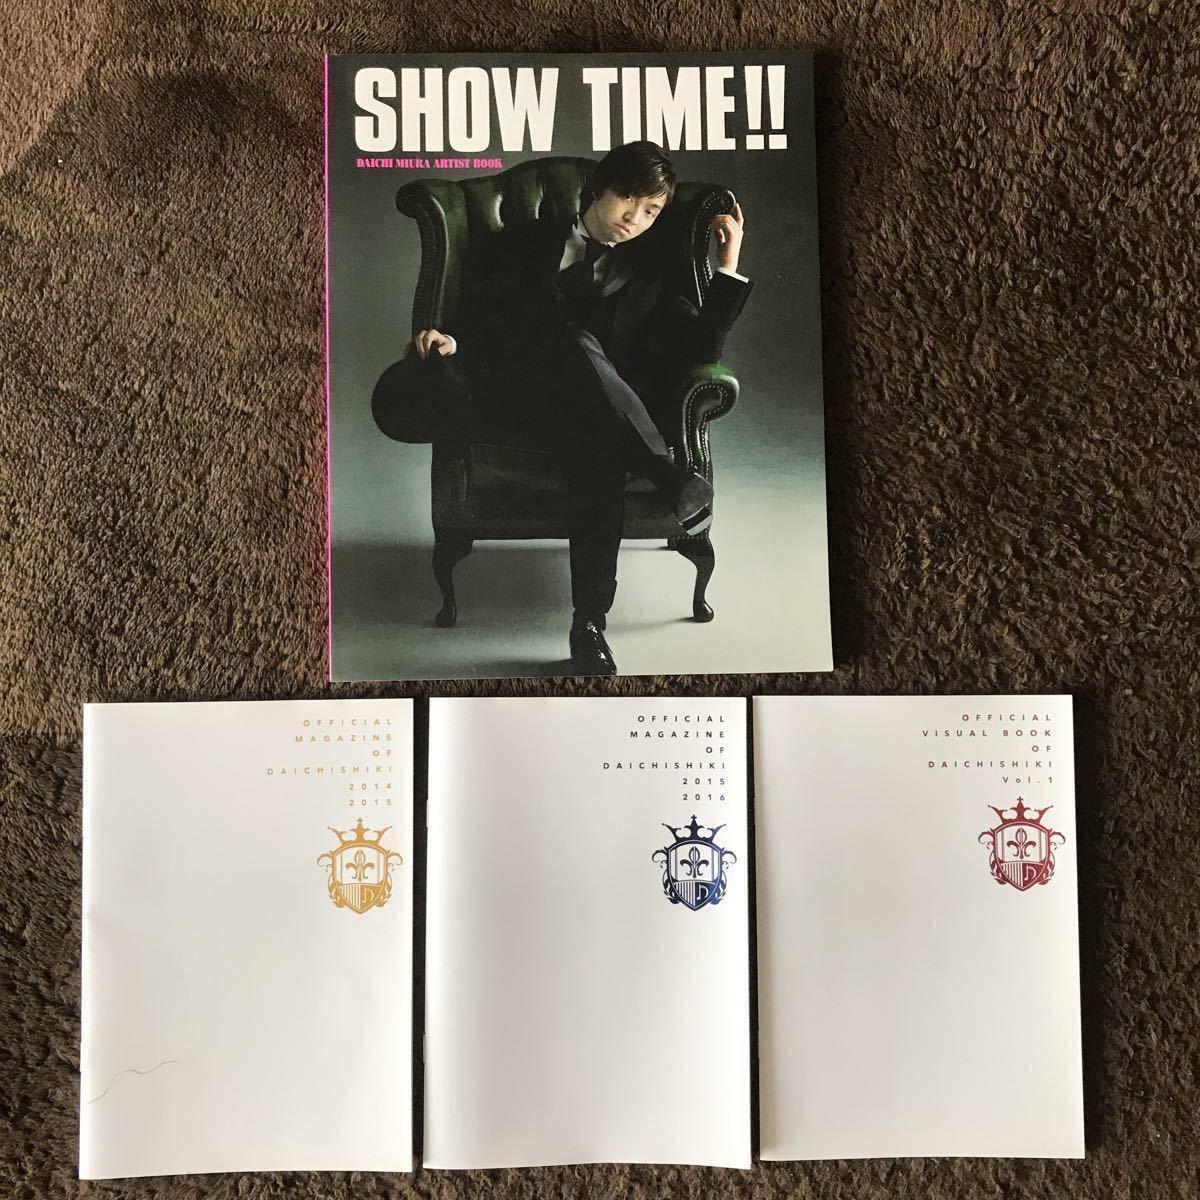 三浦大知オフシャルマガジン3点 アーティストブック「SHOW TIME!!」セット